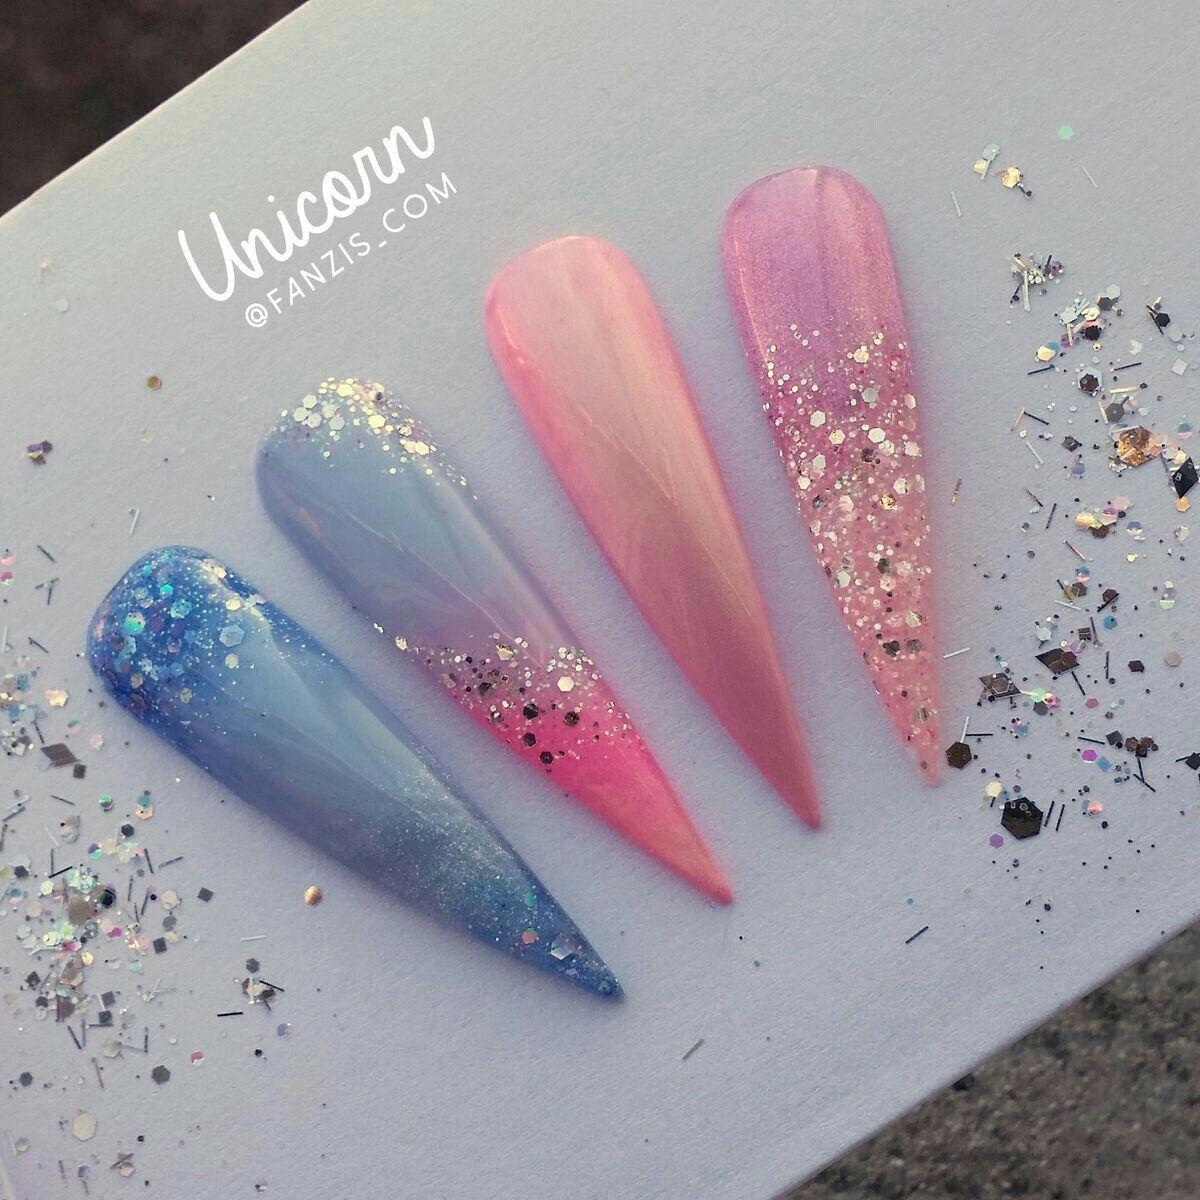 Pin von Brittany Elliott ♡ auf Fabulous Nails ♡ | Pinterest ...